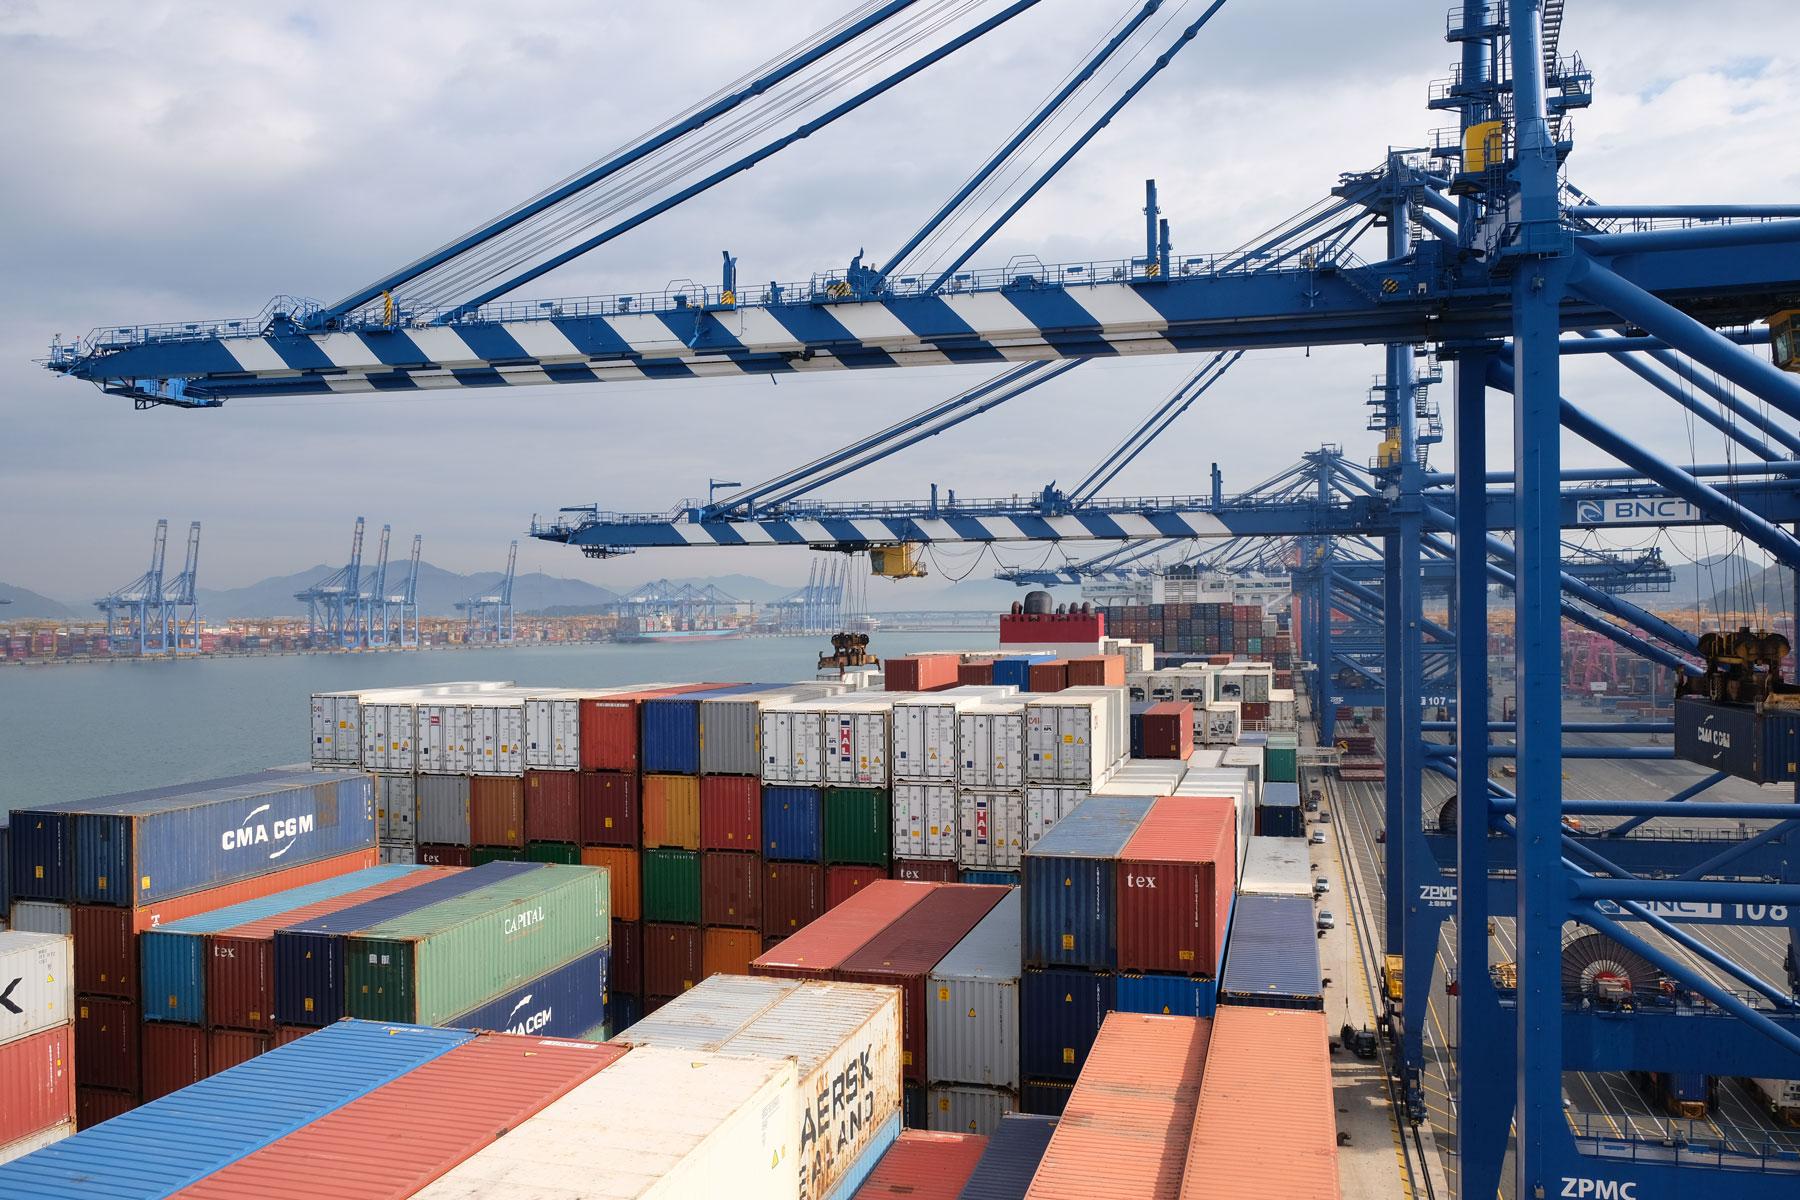 Kräne stehen über dem im Hafen liegenden Containerschiff.